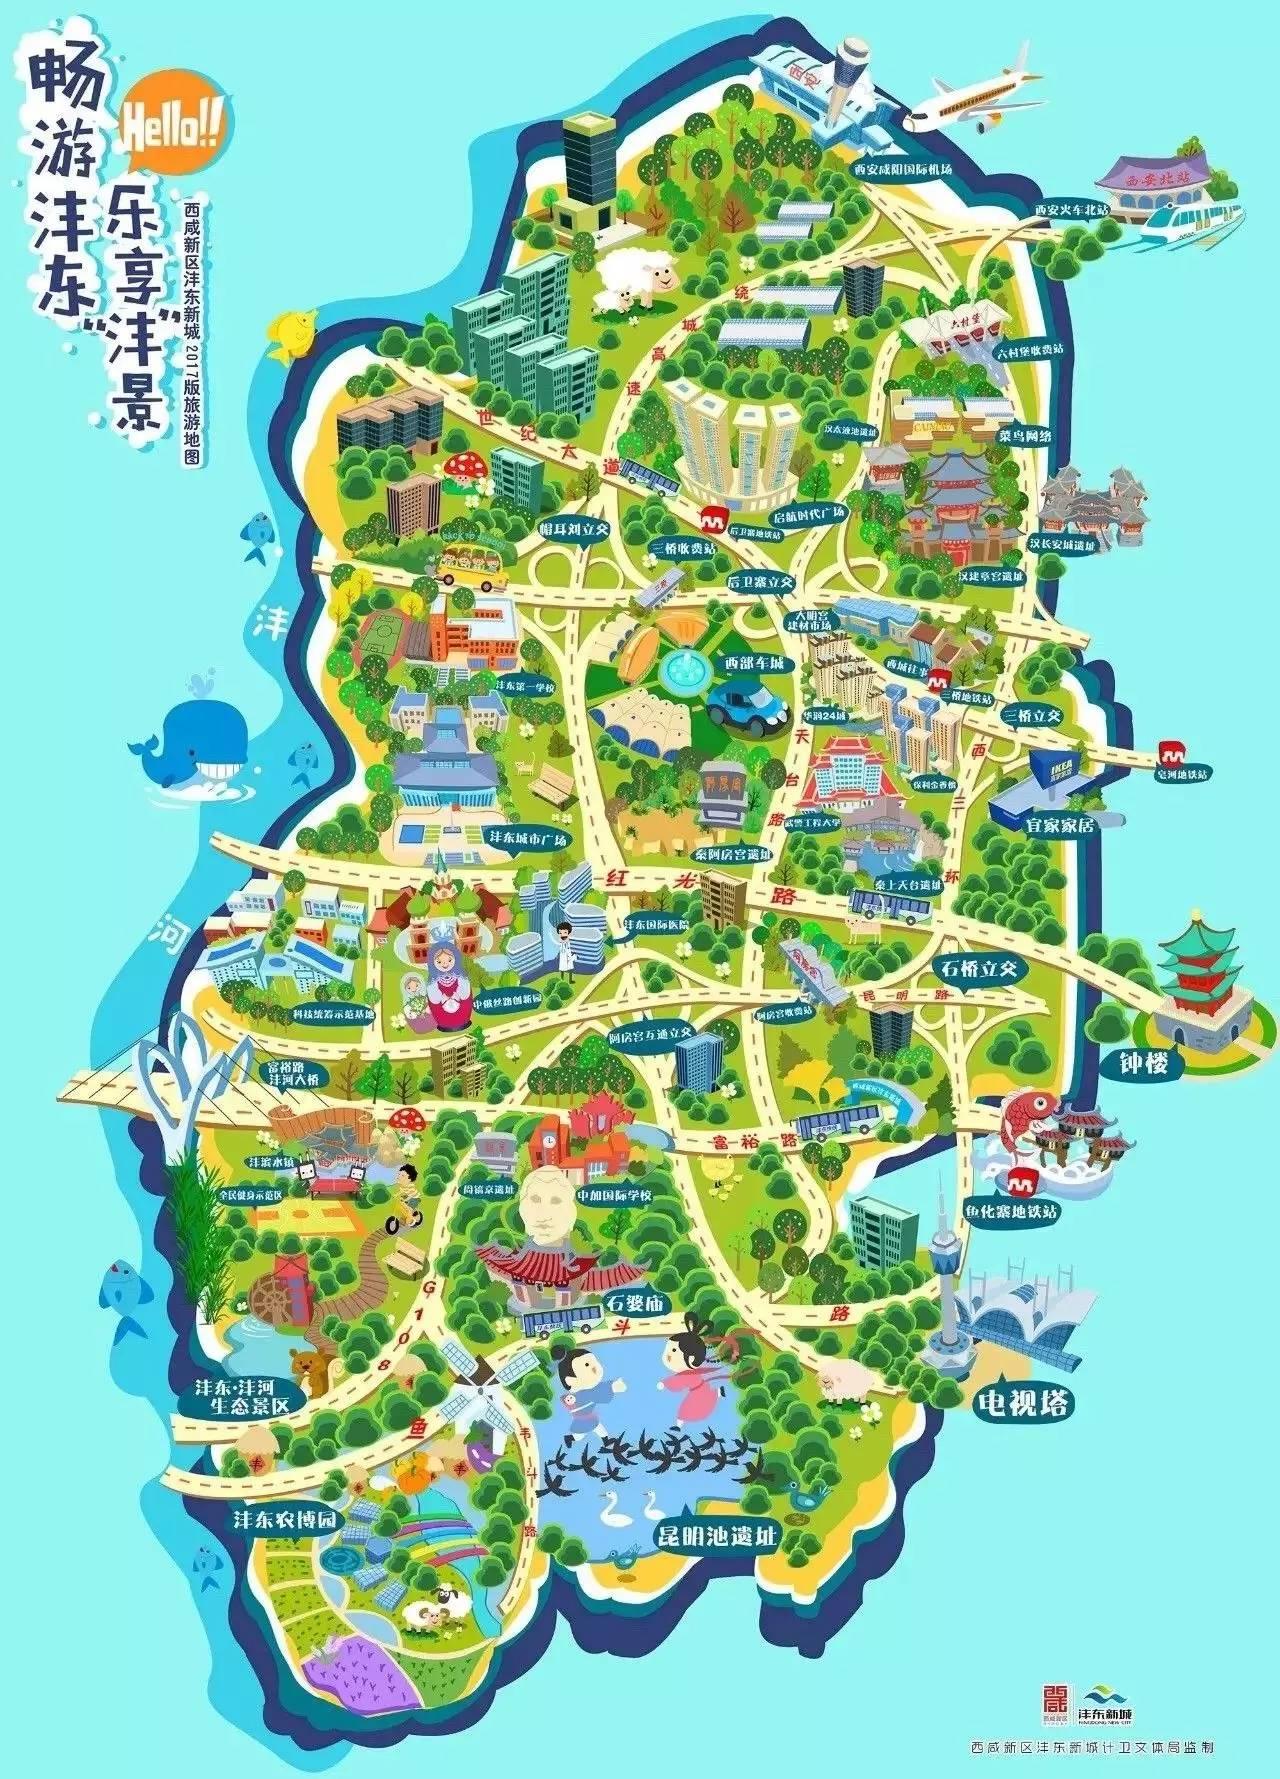 2017版沣东旅游手绘地图)